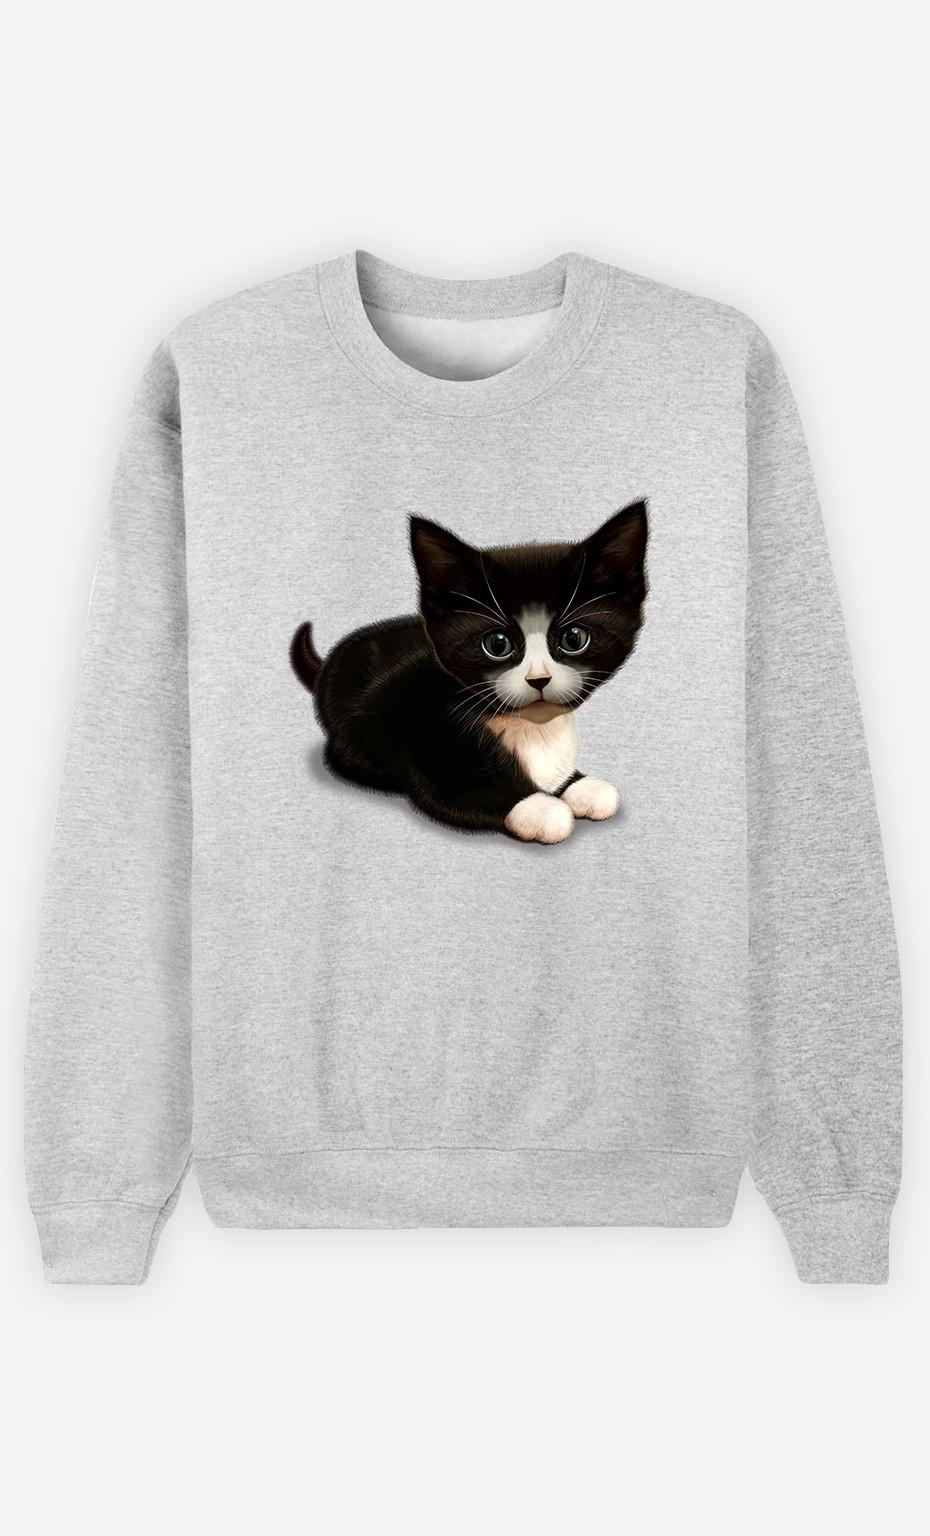 Sweatshirt Cute cat